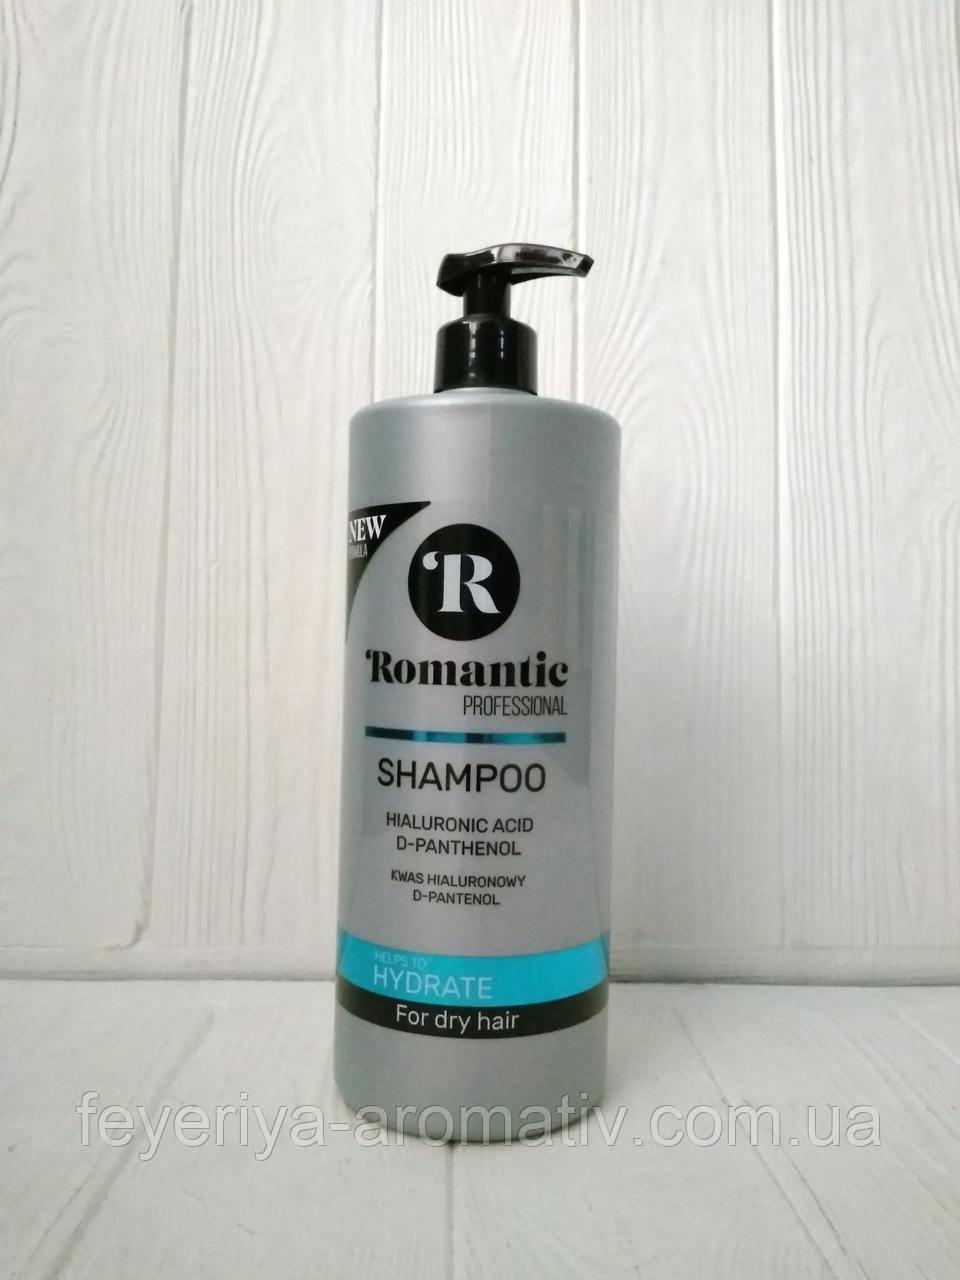 Профессиональный шампунь для сухих волос Romantic Hydrate, 850мл (Польша)